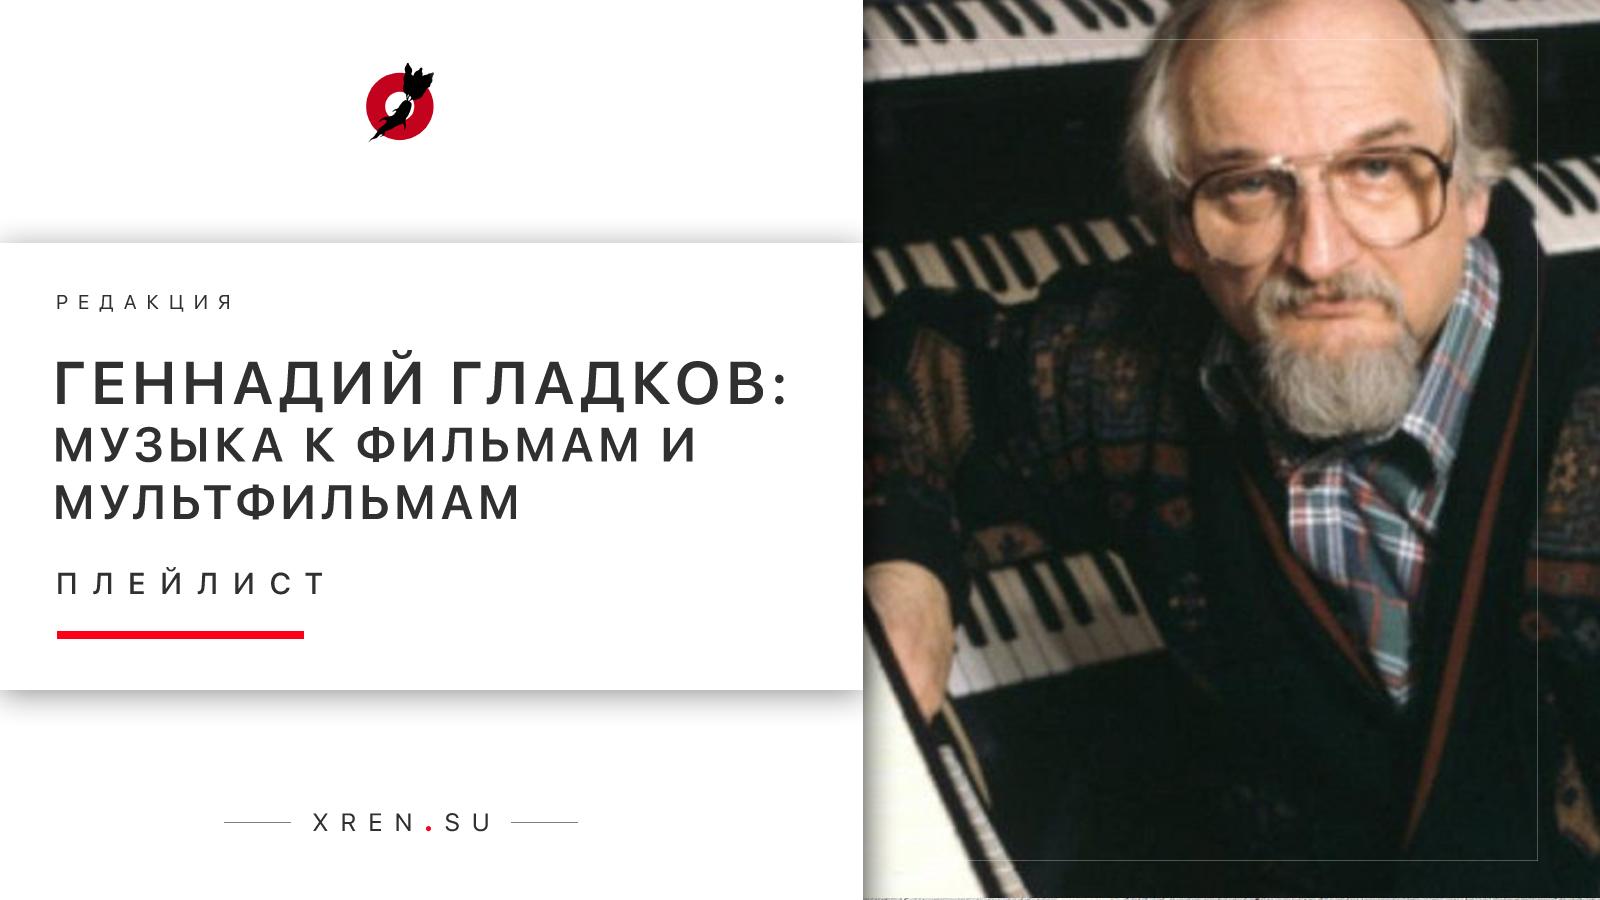 Геннадий Гладков: музыка к фильмам и мультфильмам